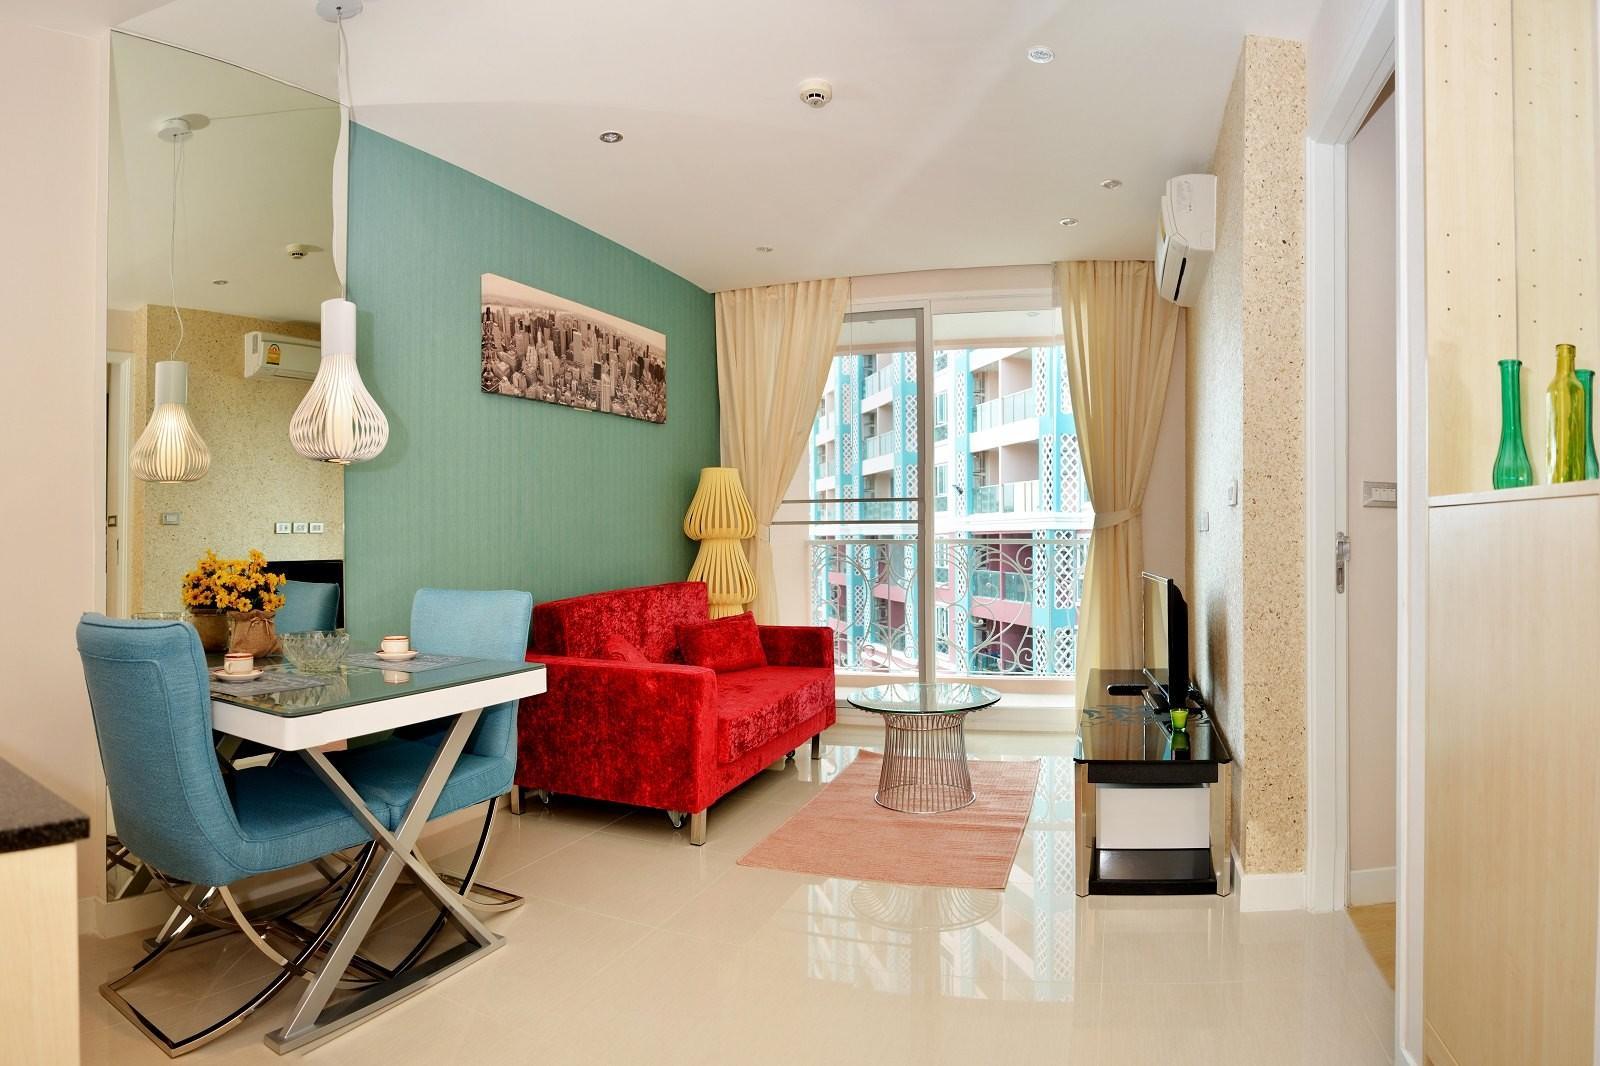 Аренда кондо в Паттайе: 15 популярных квартир, апартаментов и квартир для съема